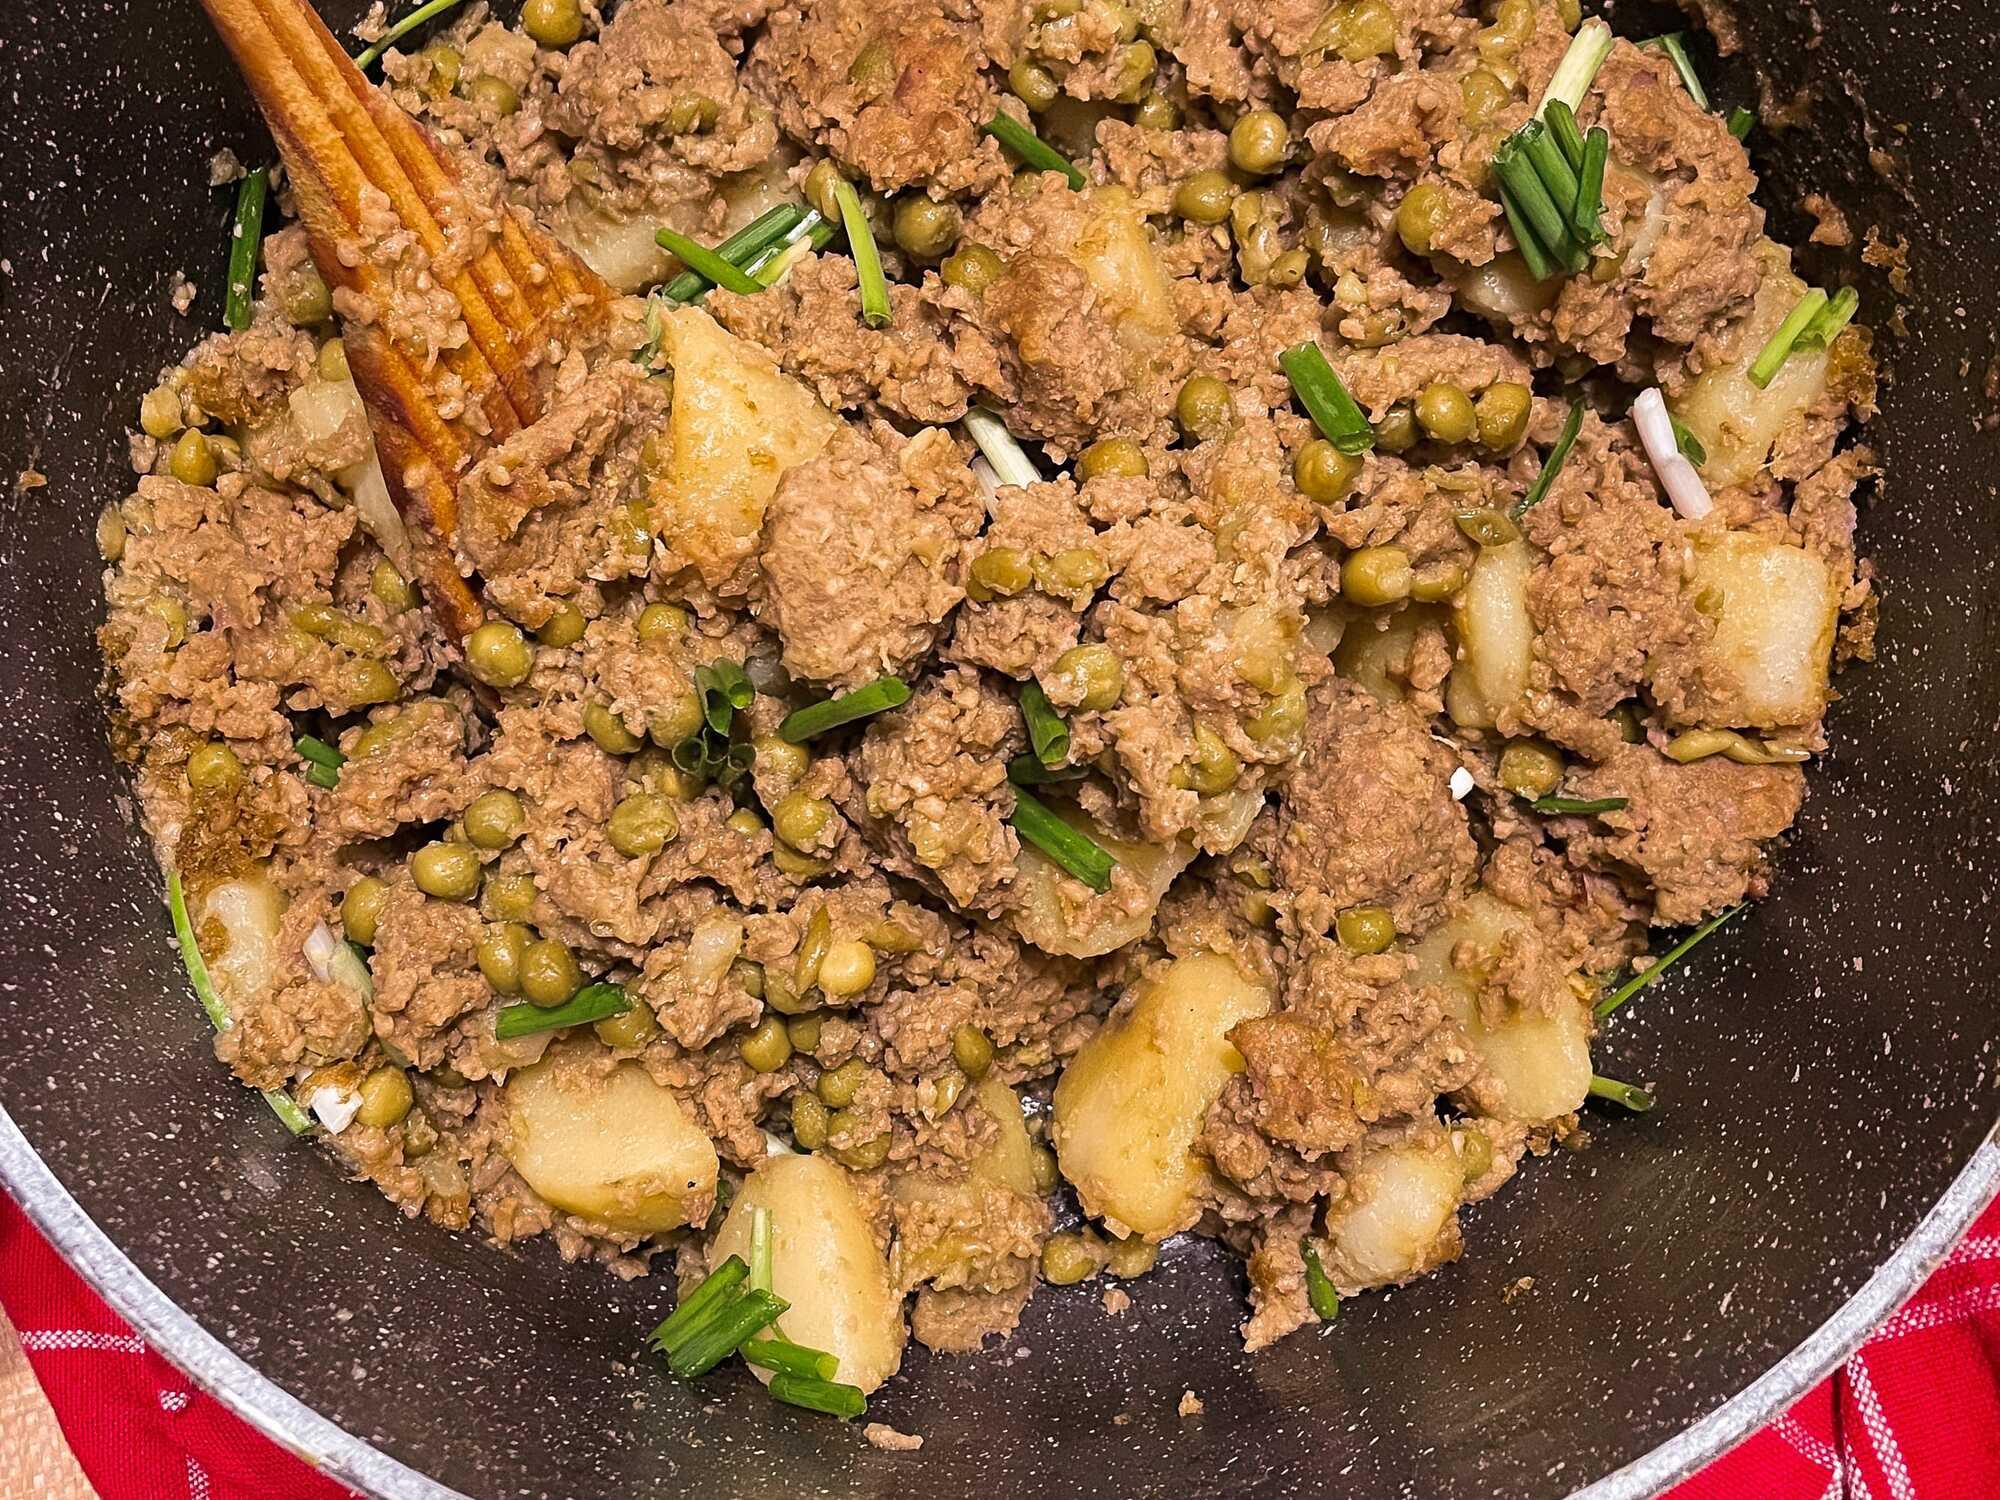 Viande hachée mélangée avec des petits pois et pommes de terre dans une poêle noire posée sur un torchon rouge.